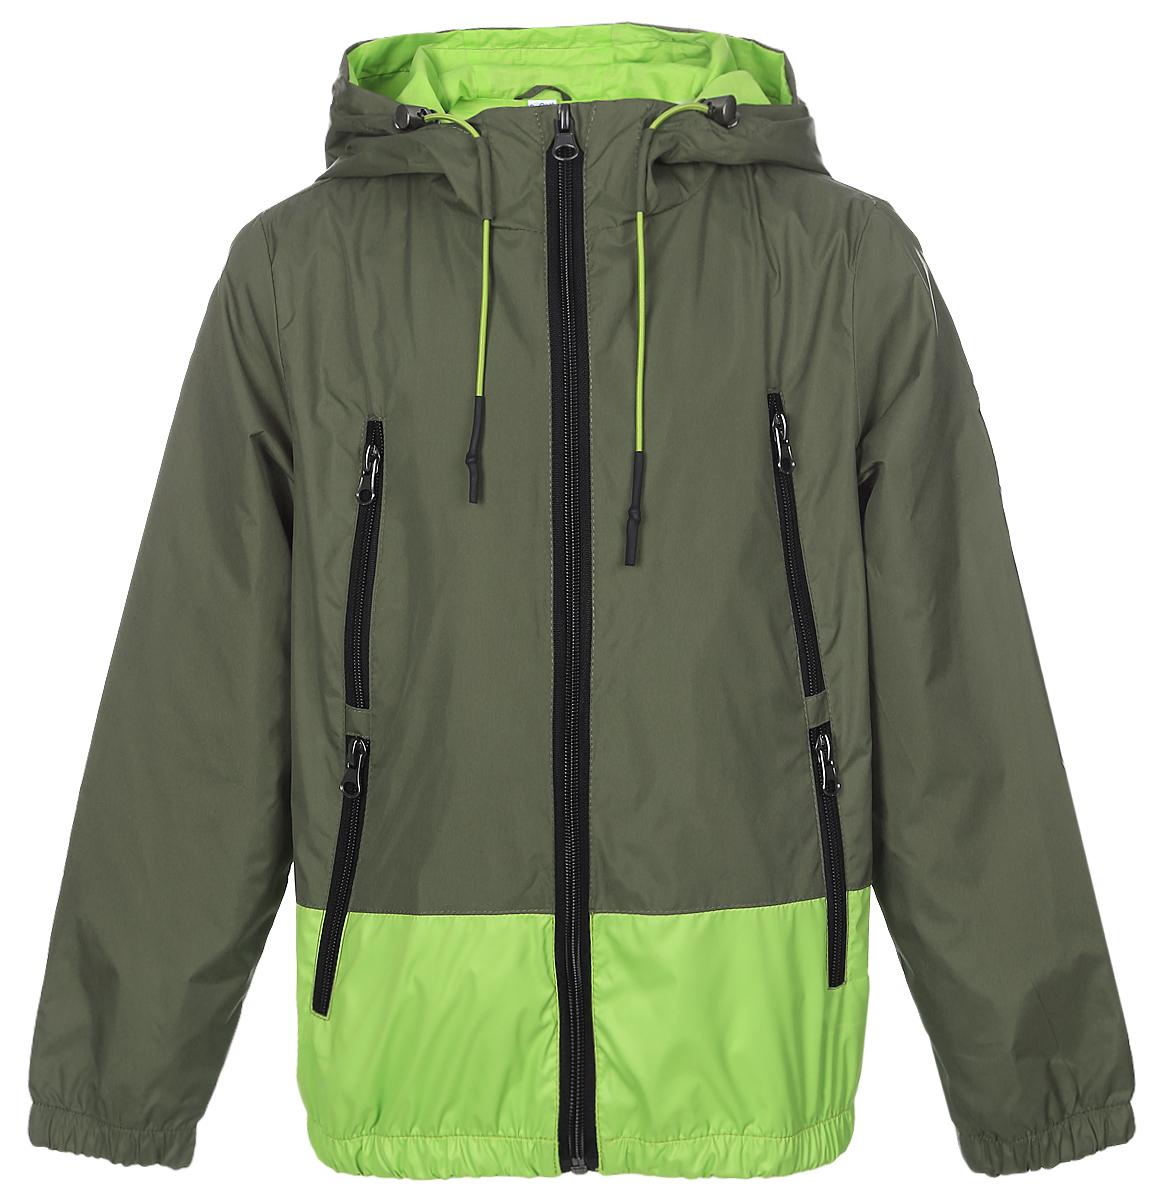 Куртка для мальчика Boom!, цвет: хаки, салатовый. 70038_BOB_вар.3. Размер 104, 3-4 года70038_BOB_вар.3Легкая куртка для мальчика Boom! c длинными рукавами и несъемным капюшоном выполнена из прочного полиэстера. Модель застегивается на застежку-молнию спереди. Объем капюшона регулируется при помощи шнурка-кулиски со стопперами. Изделие имеет четыре прорезных кармана на застежках-молниях спереди. Рукава оснащены широкими эластичными манжетами. Модель растет вместе с ребенком: специальный крой позволяет при необходимости увеличить длину рукавов на один размер.